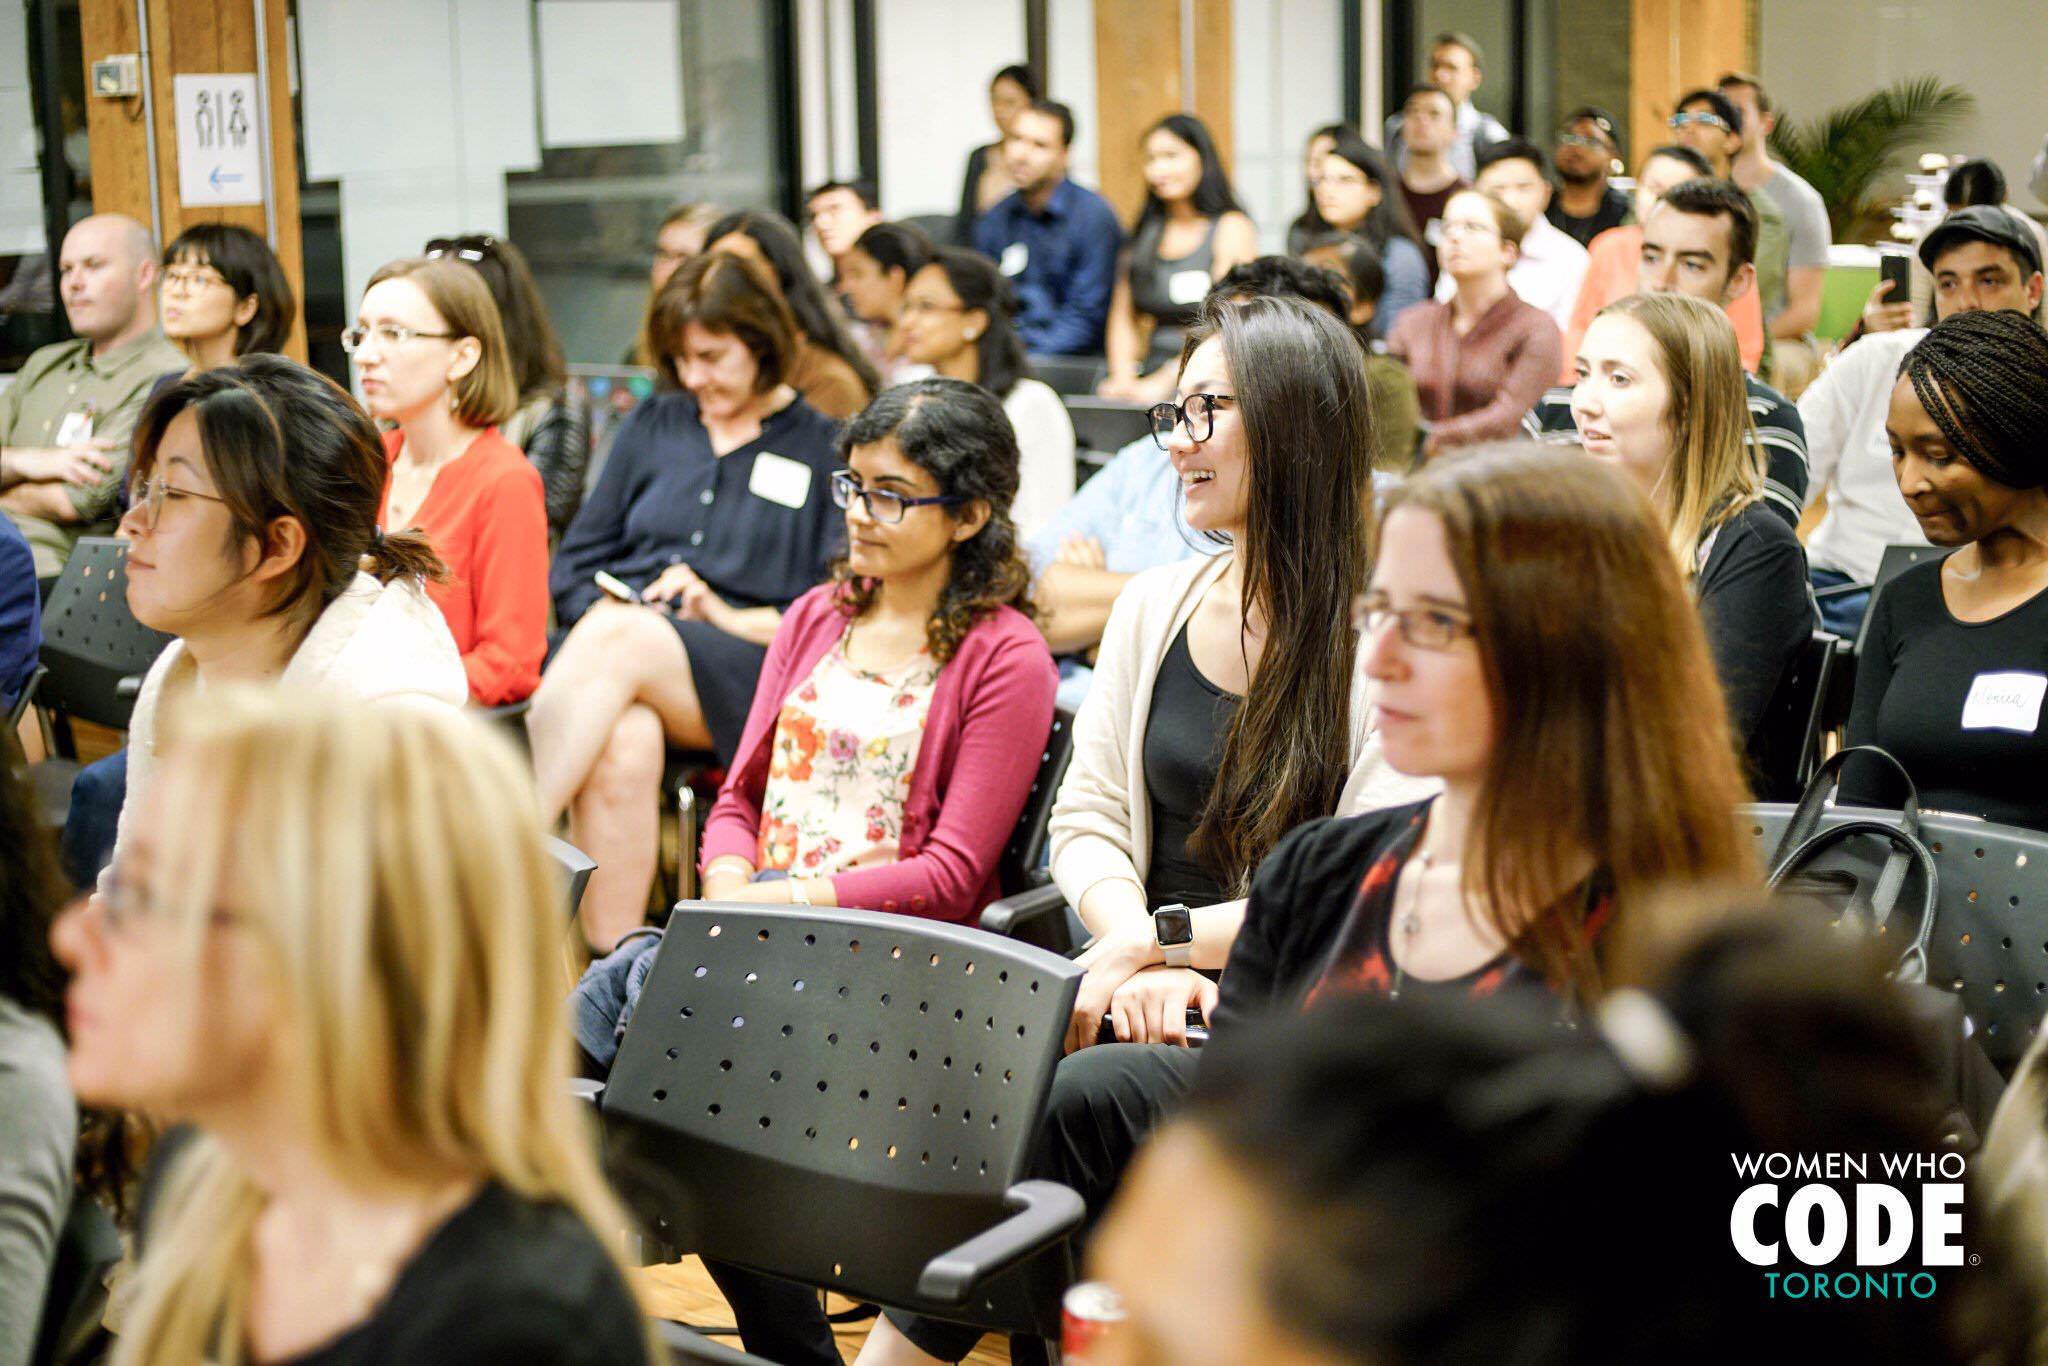 Women Who Code Toronto